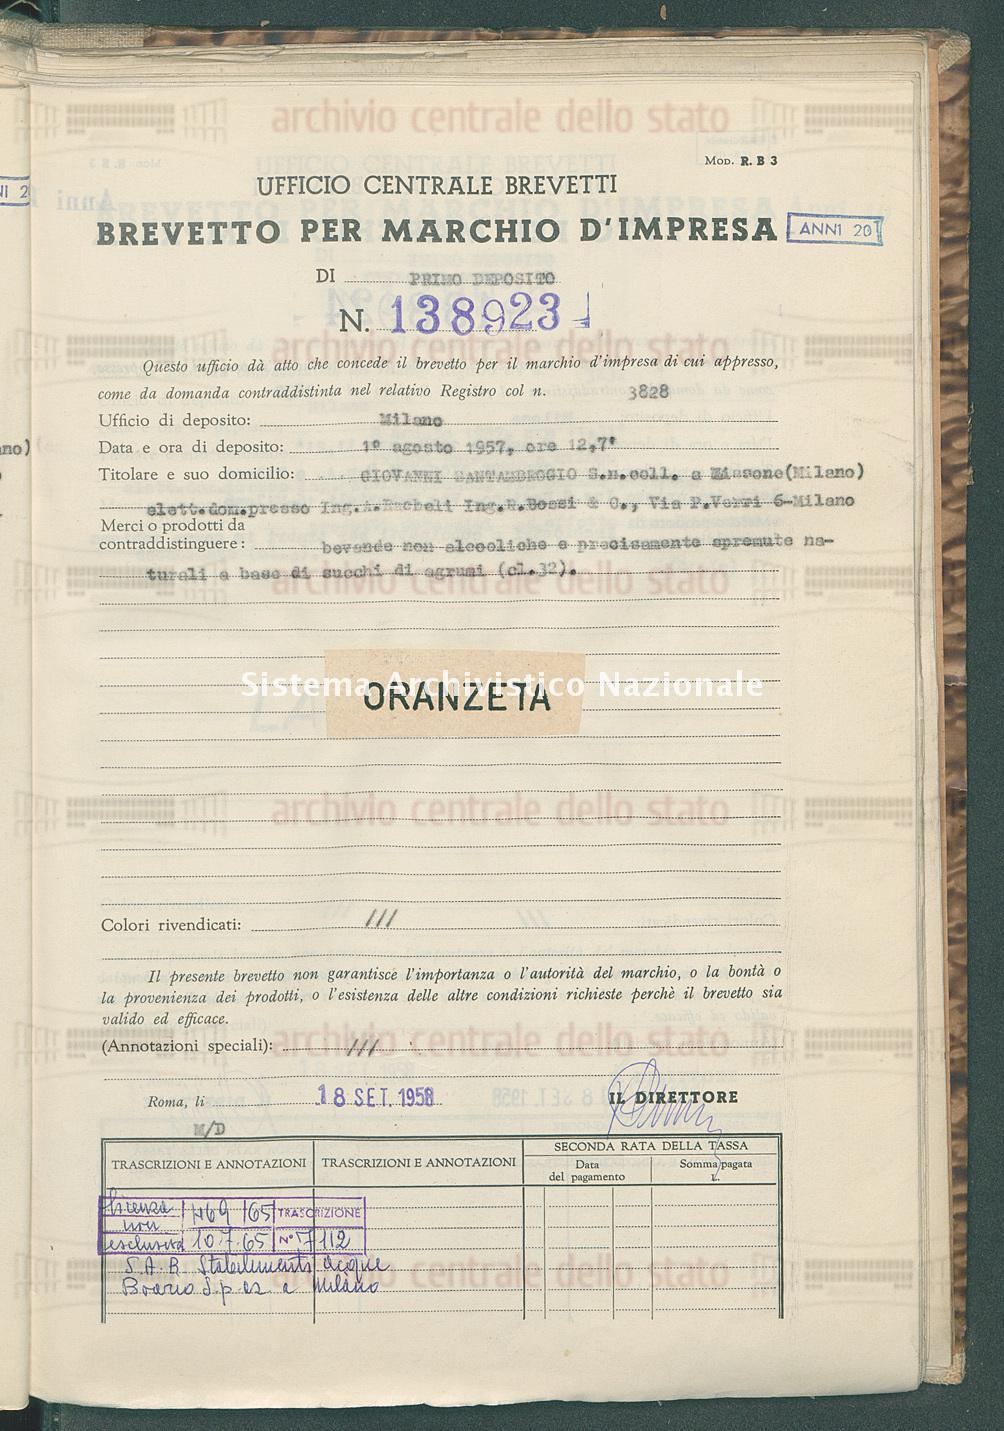 Bevande non alcooliche ecc. Giovanni Santambrogio S.N.Coll. (18/09/1958)